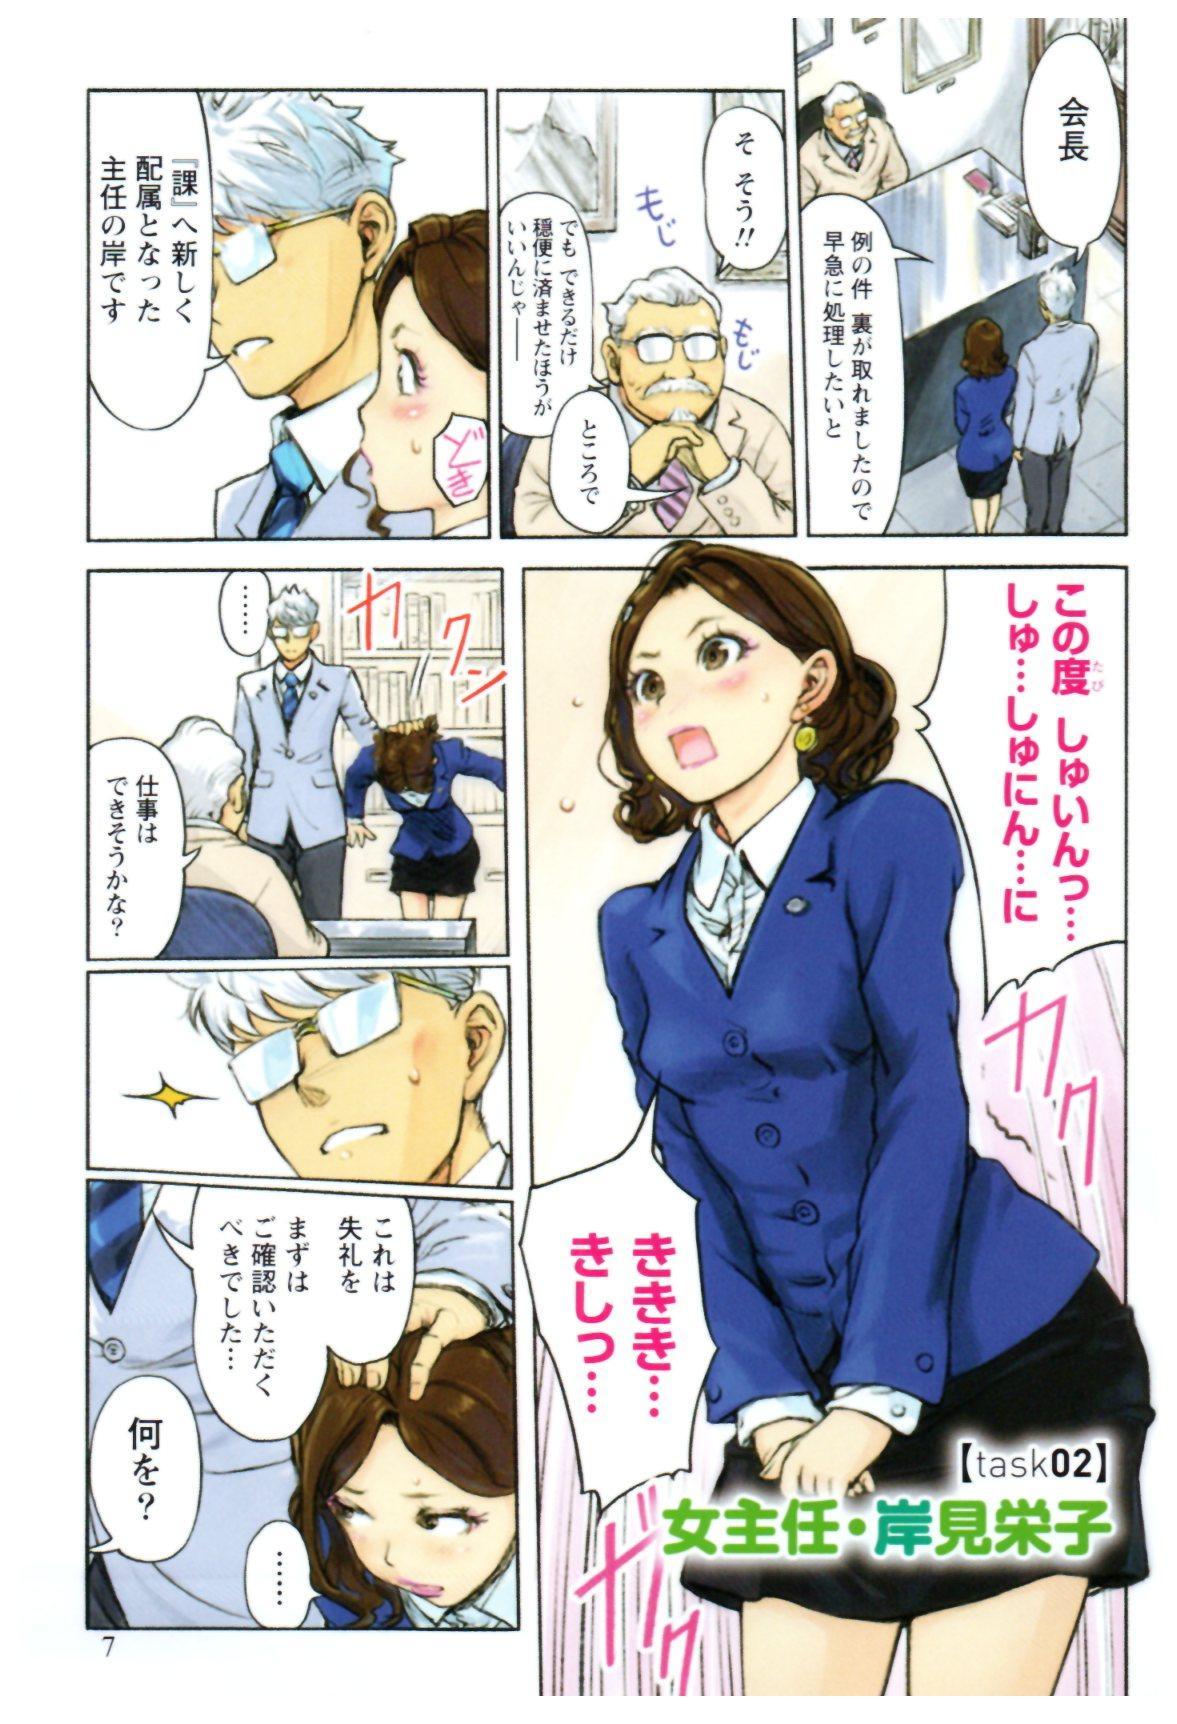 Onna Shunin - Kishi Mieko 1 8